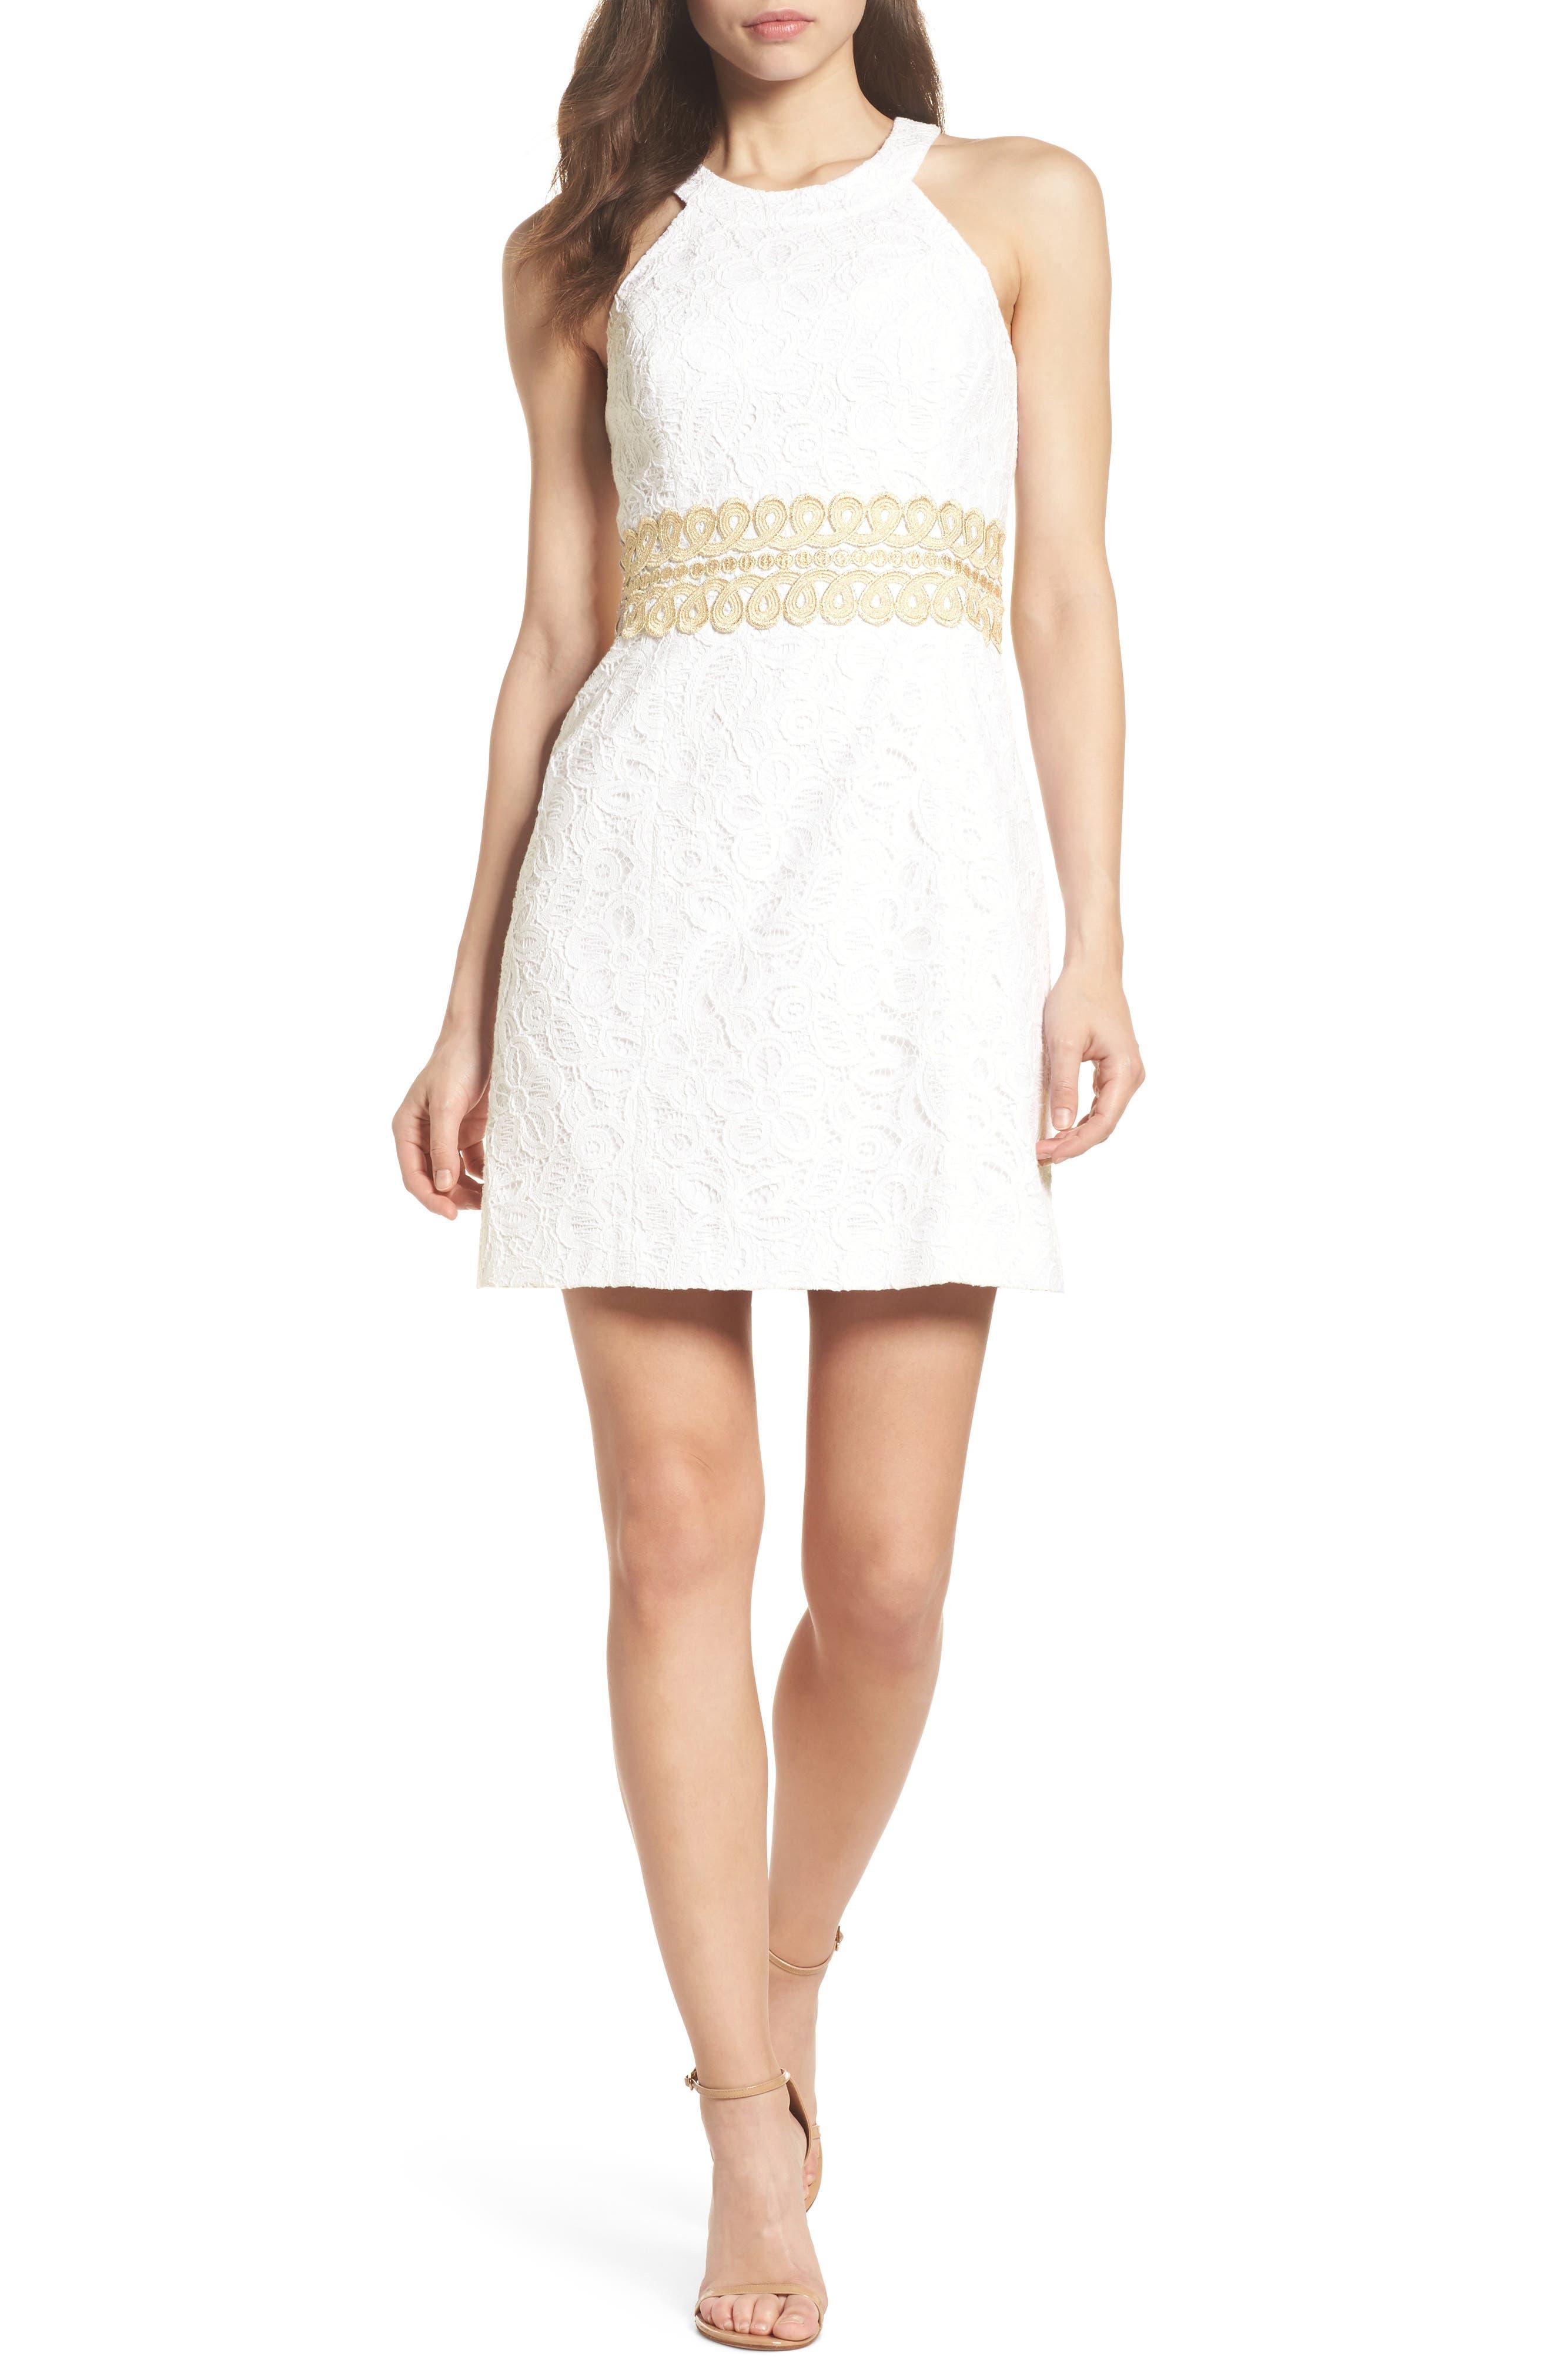 aaf58cd05a2ff9 Lilly Pulitzer Ashlyn Lace Dress